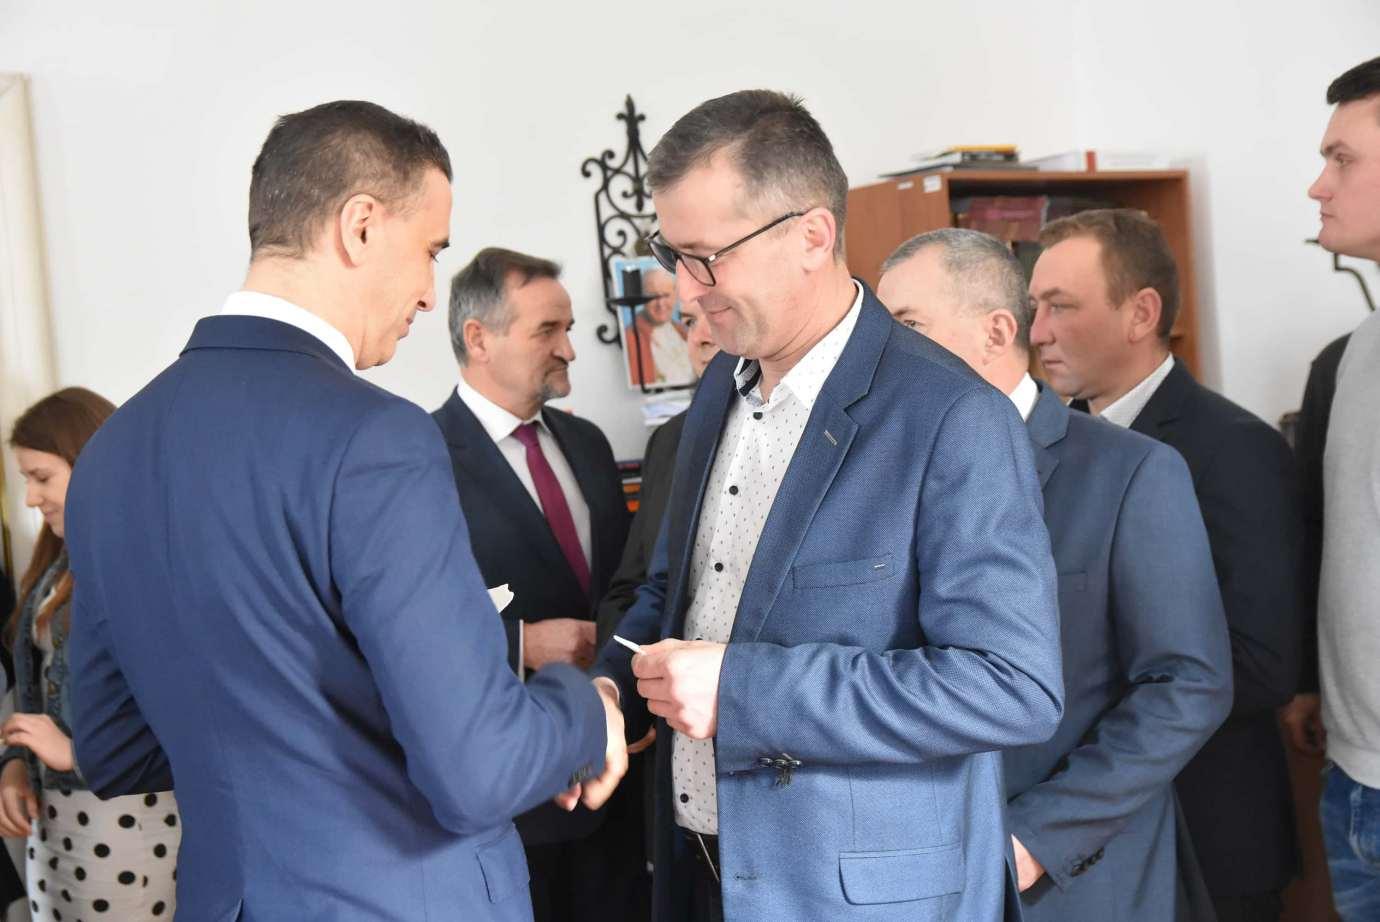 dsc 4058 Zamość: Otwarcie nowego biura poselskiego Jarosława Sachajko. [ZDJĘCIA, FILM]